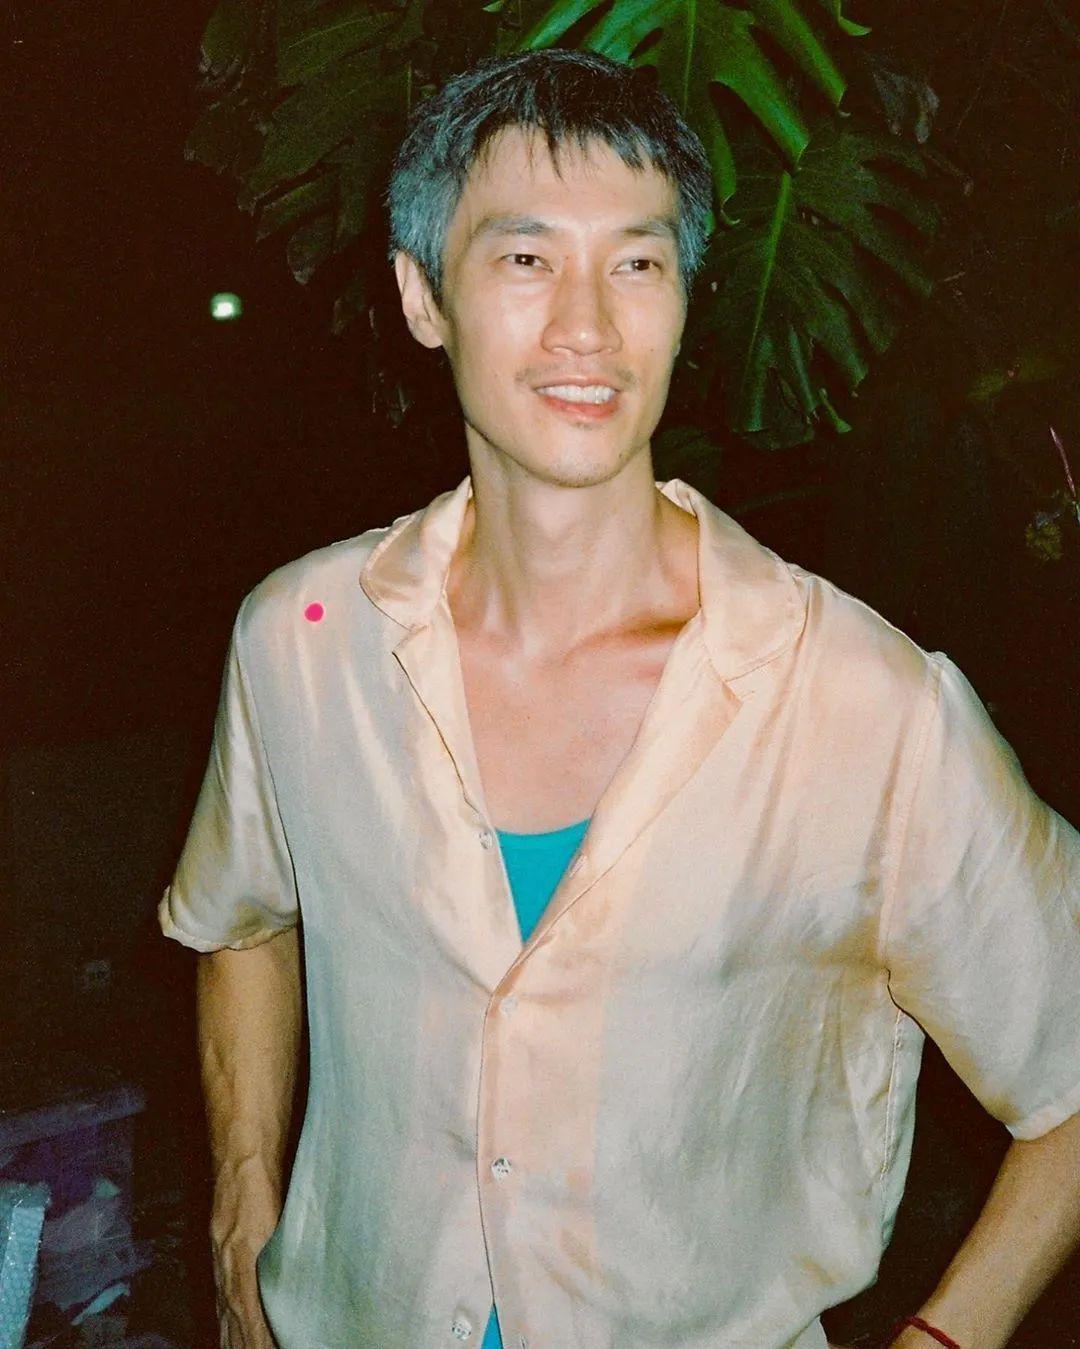 华裔男模创立个人时装品牌,发扬我国非物质文化遗产